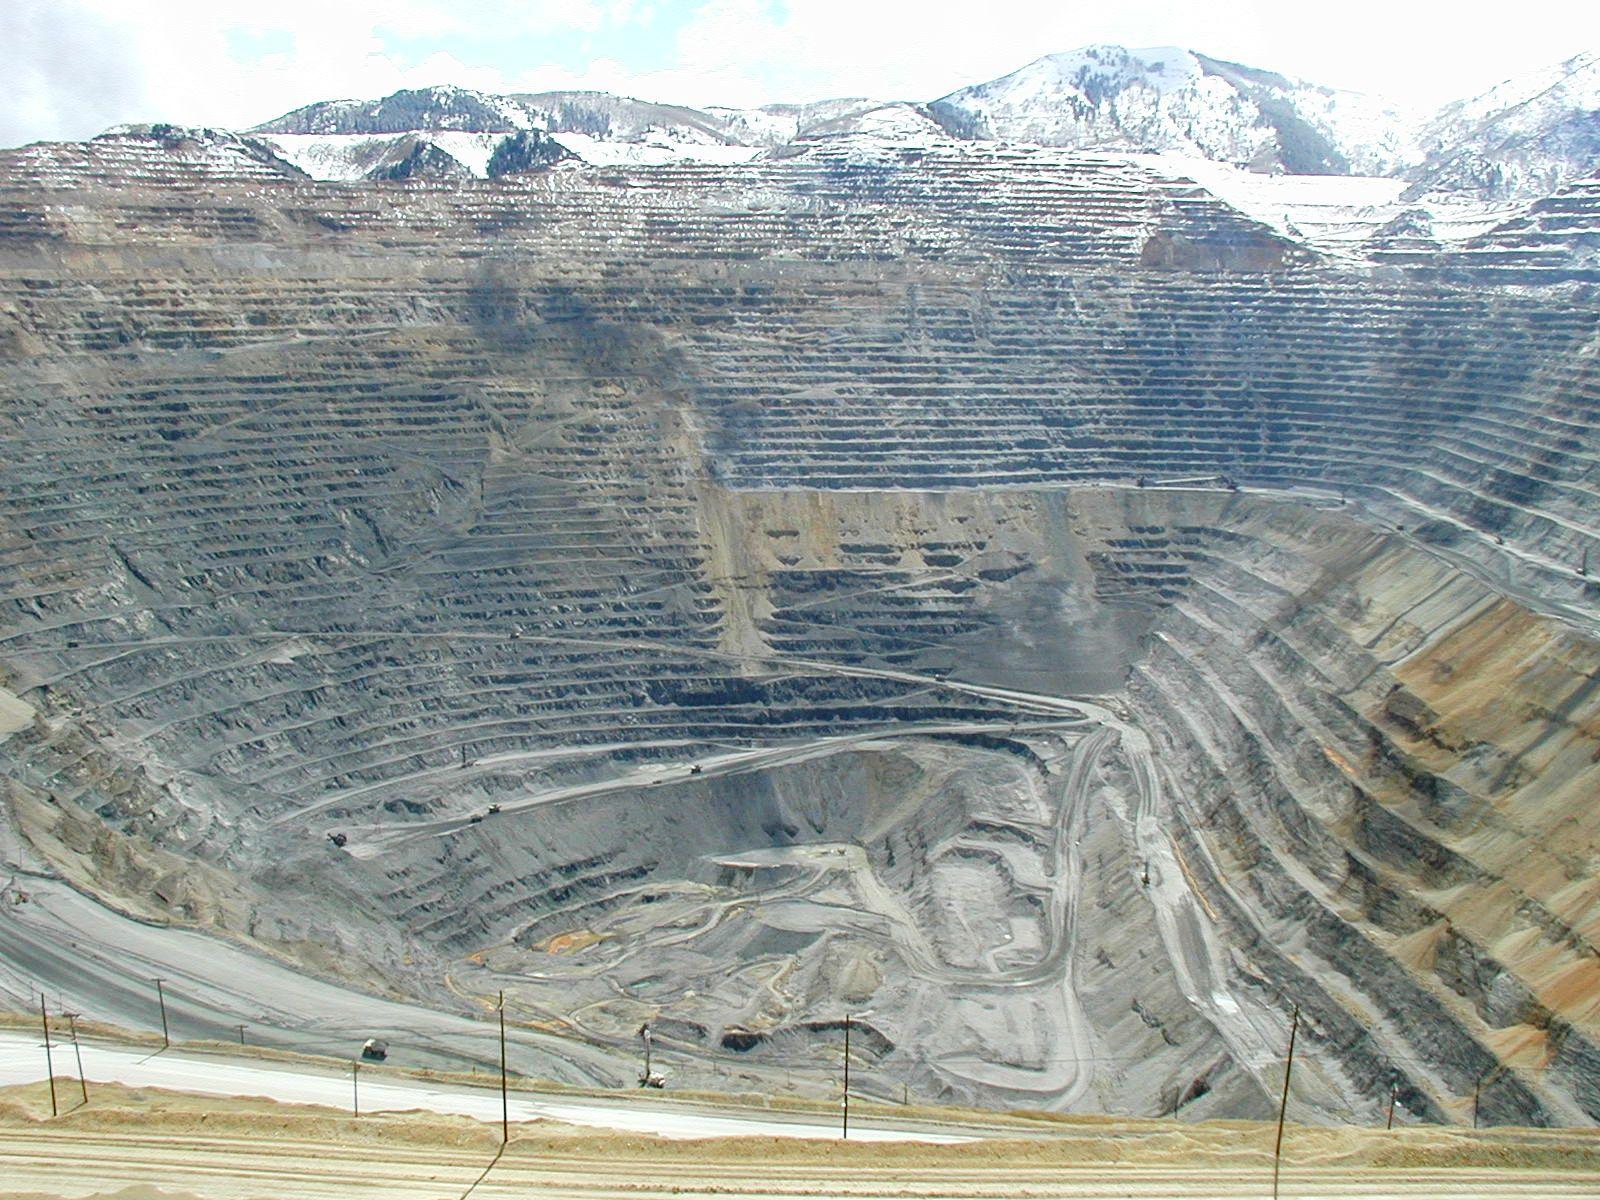 Rio tinto mining salt lake city